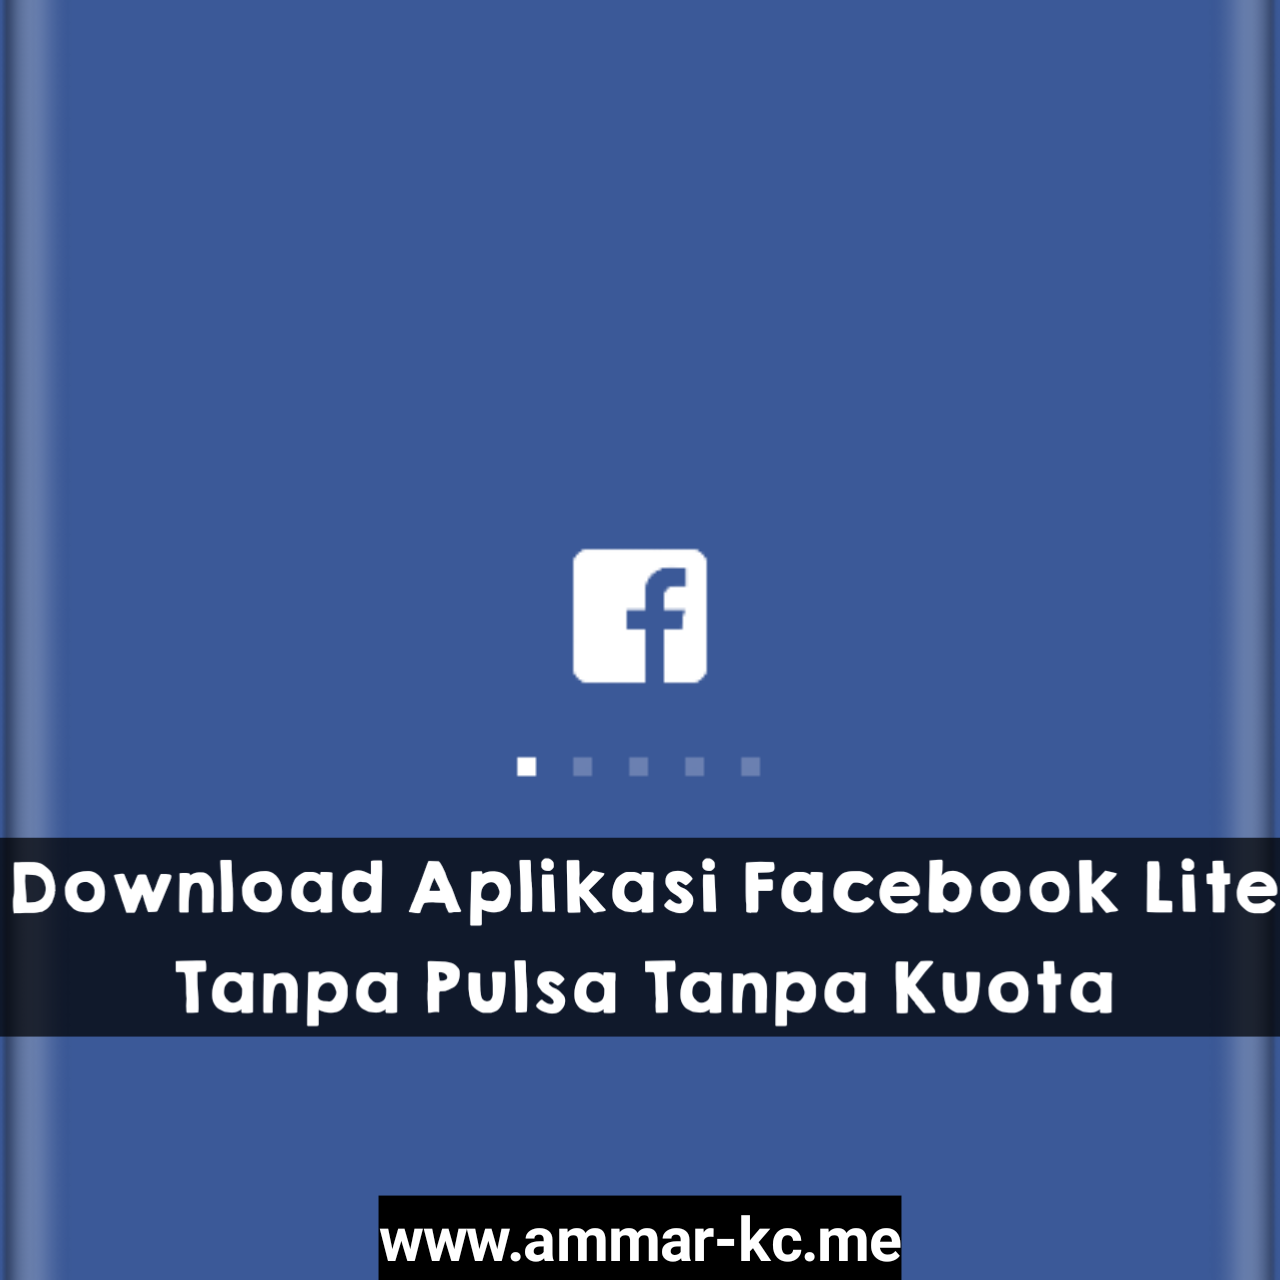 Download 7500 Gambar Facebook Gratis  Gratis